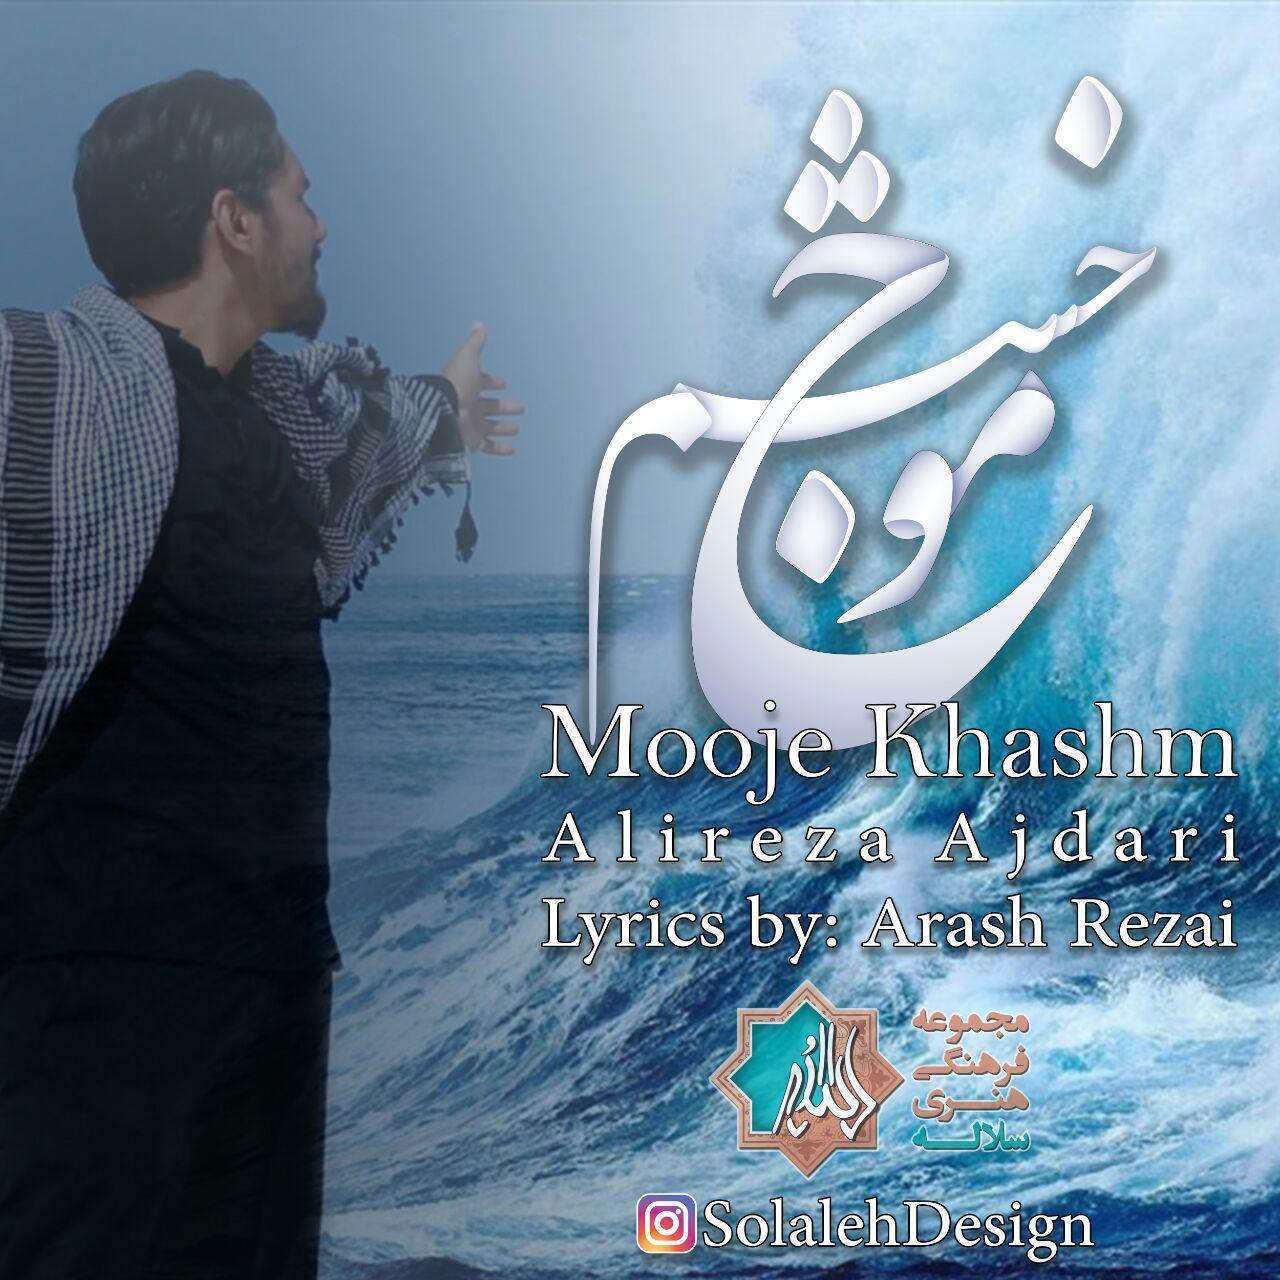 Alireza Ajdari – Mooje Khashm Video